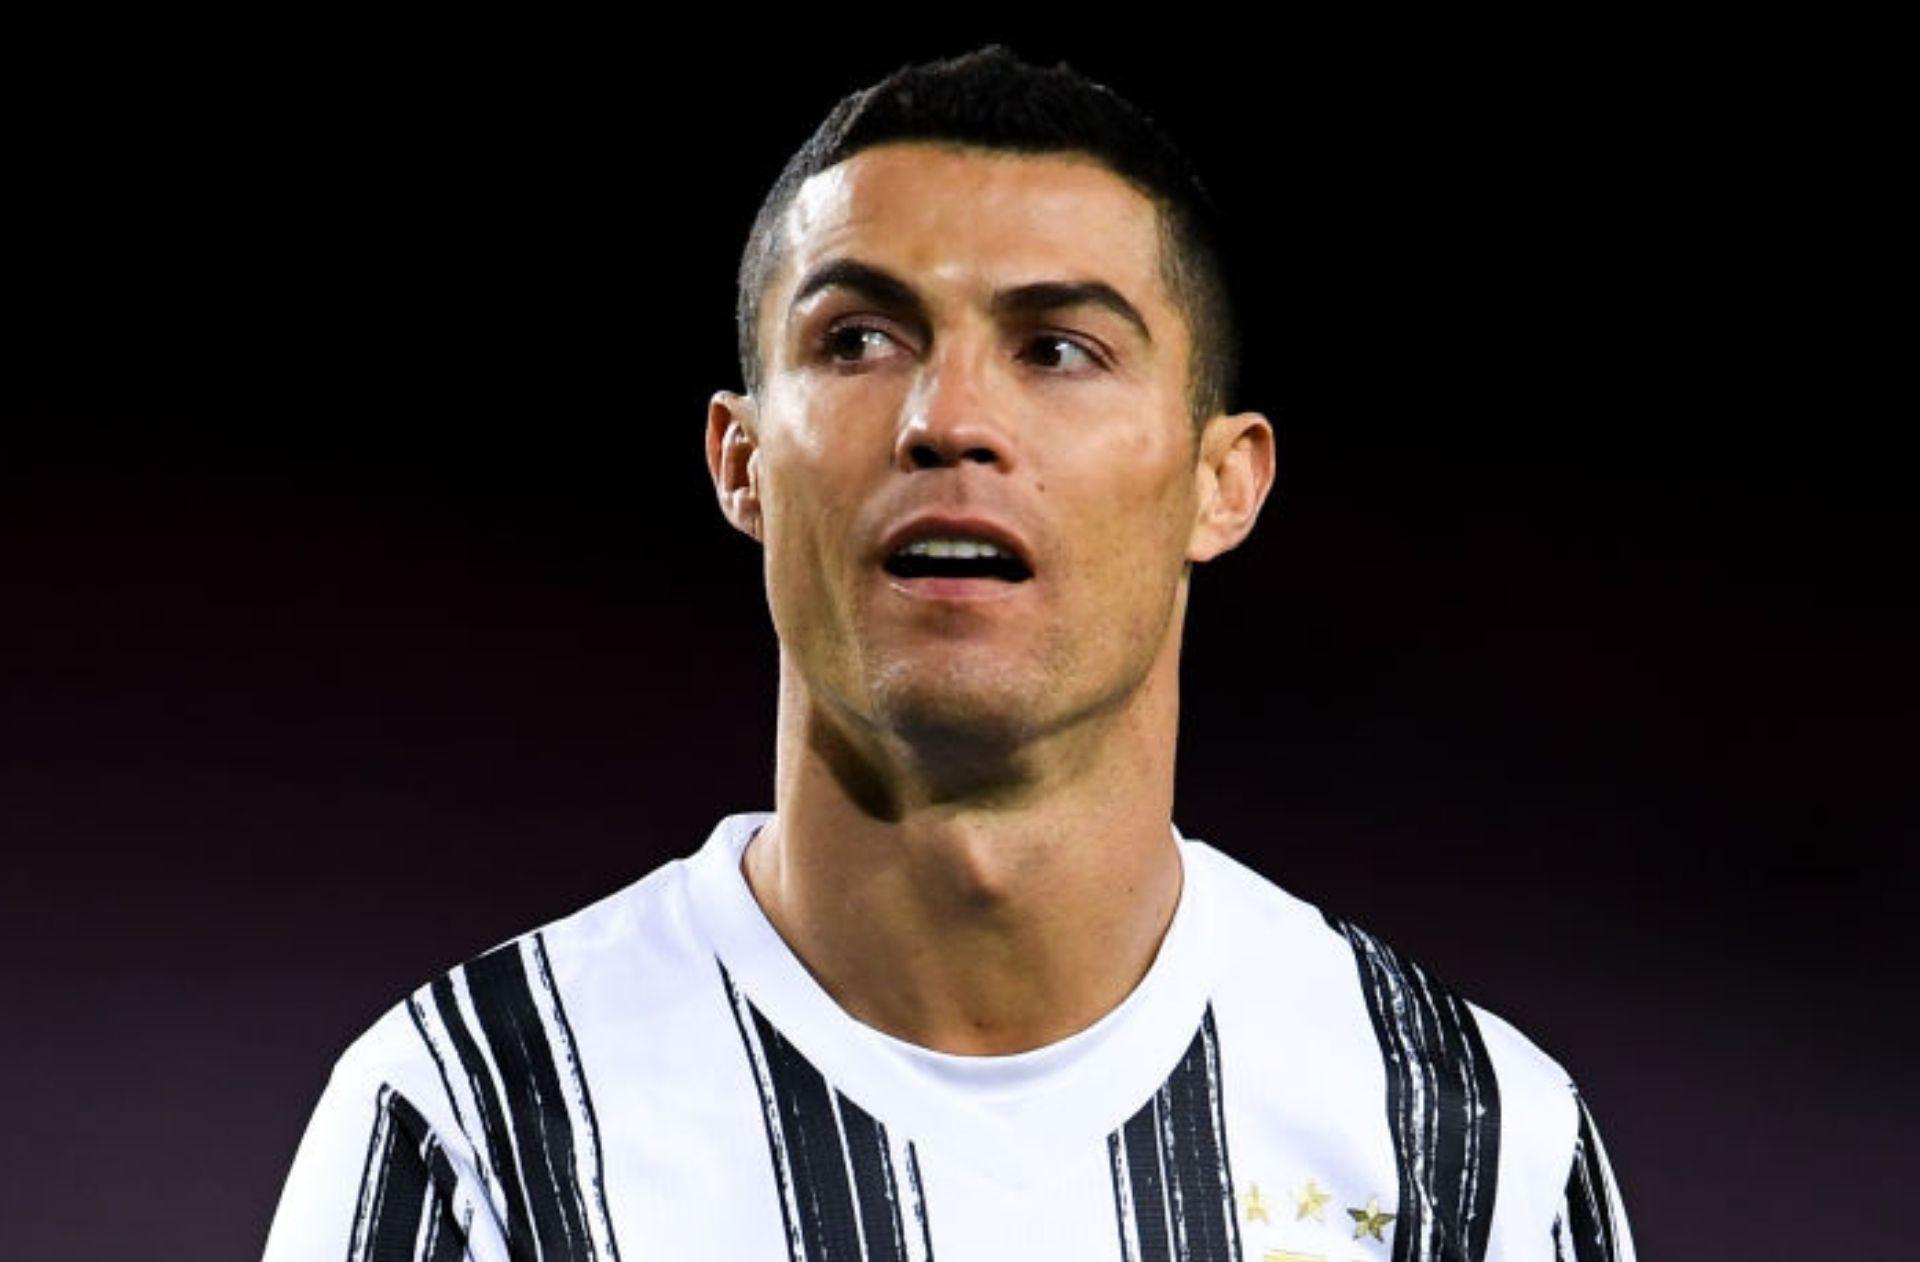 Crisitiano Ronaldo - Juventus